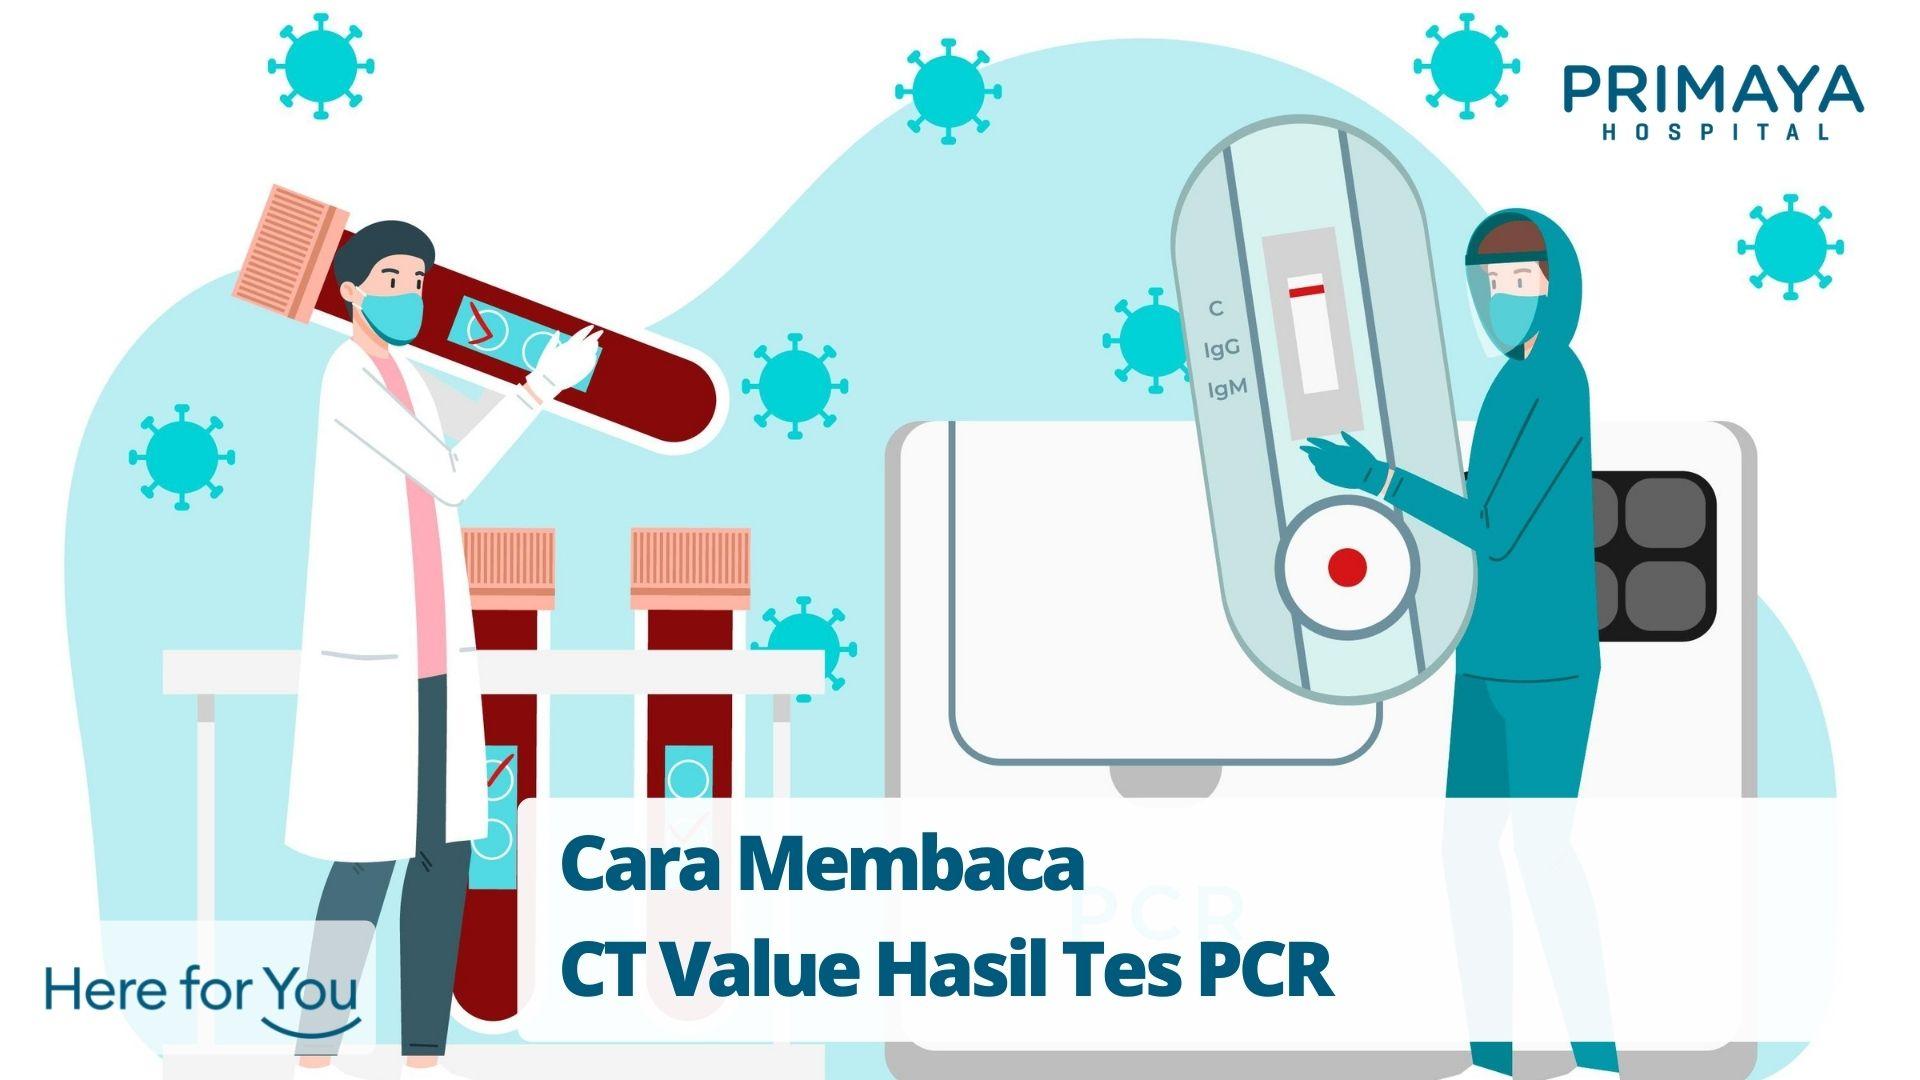 Cara Membaca CT Value Hasil Tes PCR